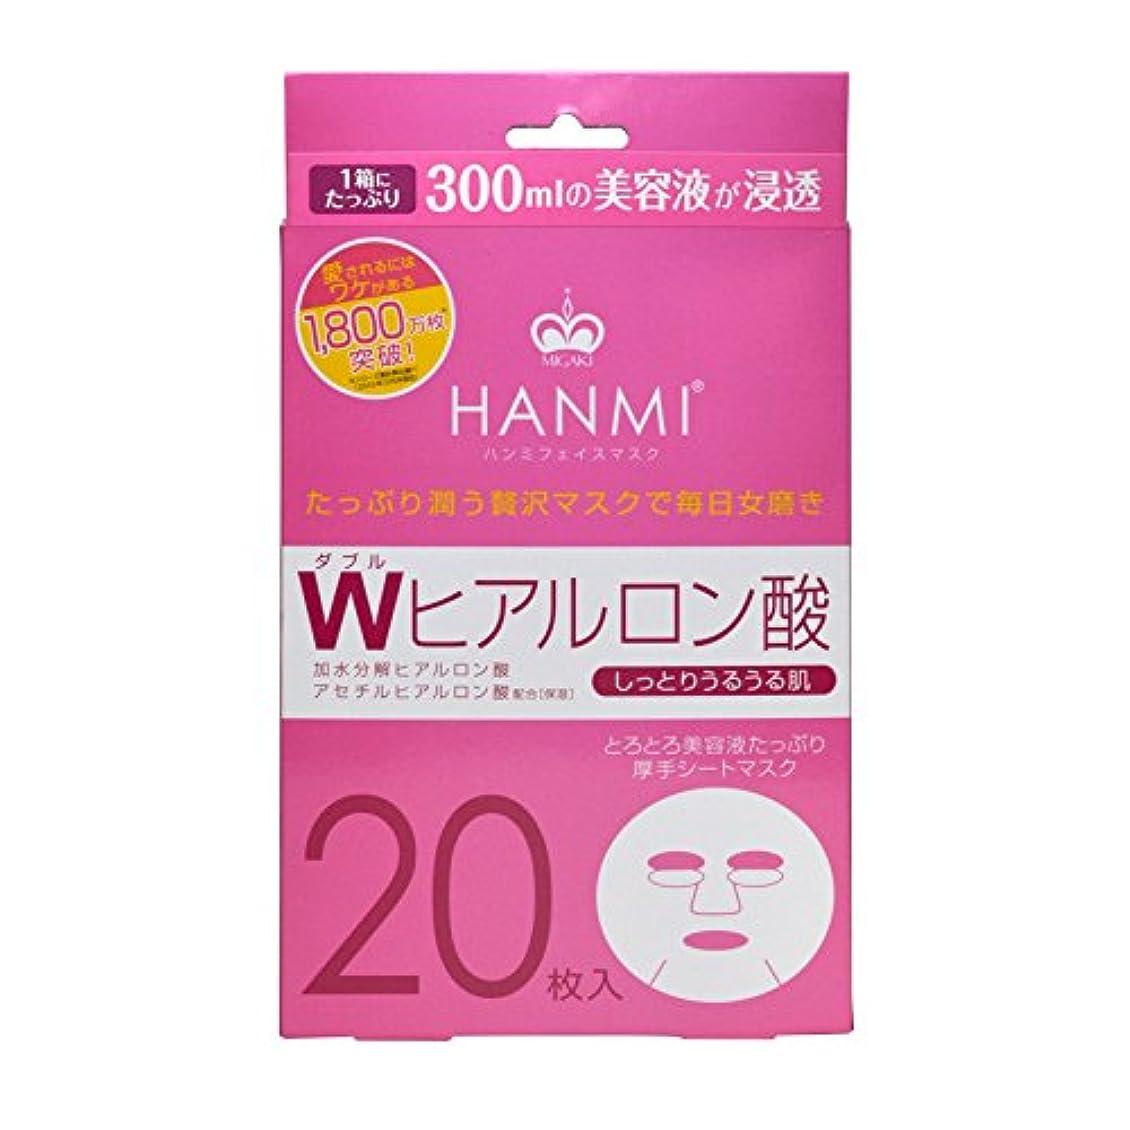 オールアジテーションバイオレットMIGAKI ハンミフェイスマスク プラス Wヒアルロン酸 20枚入り